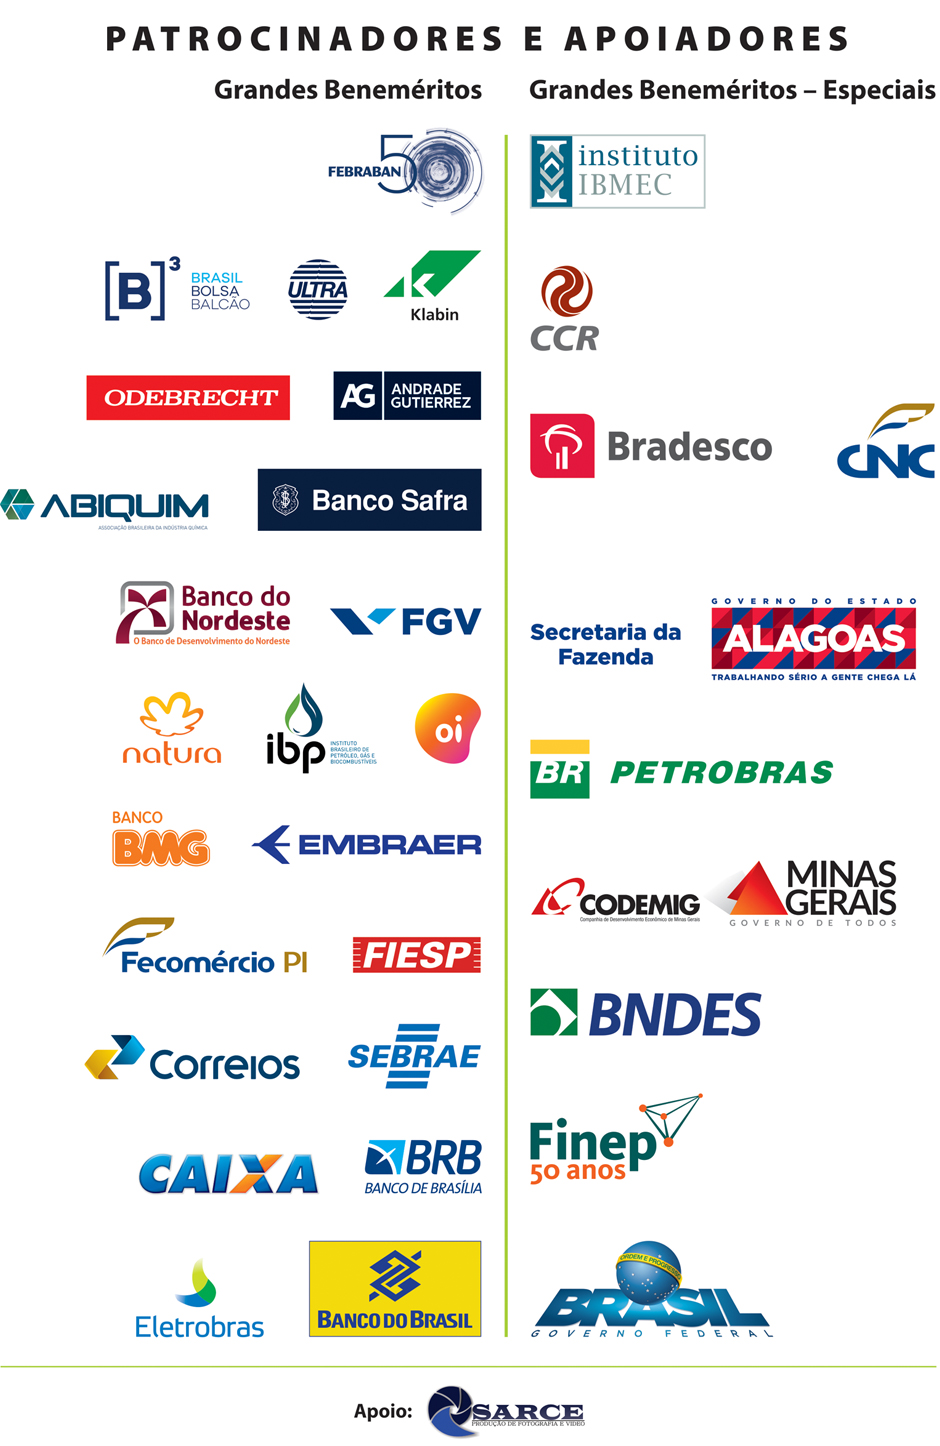 Patrocinadores e Apoiadores